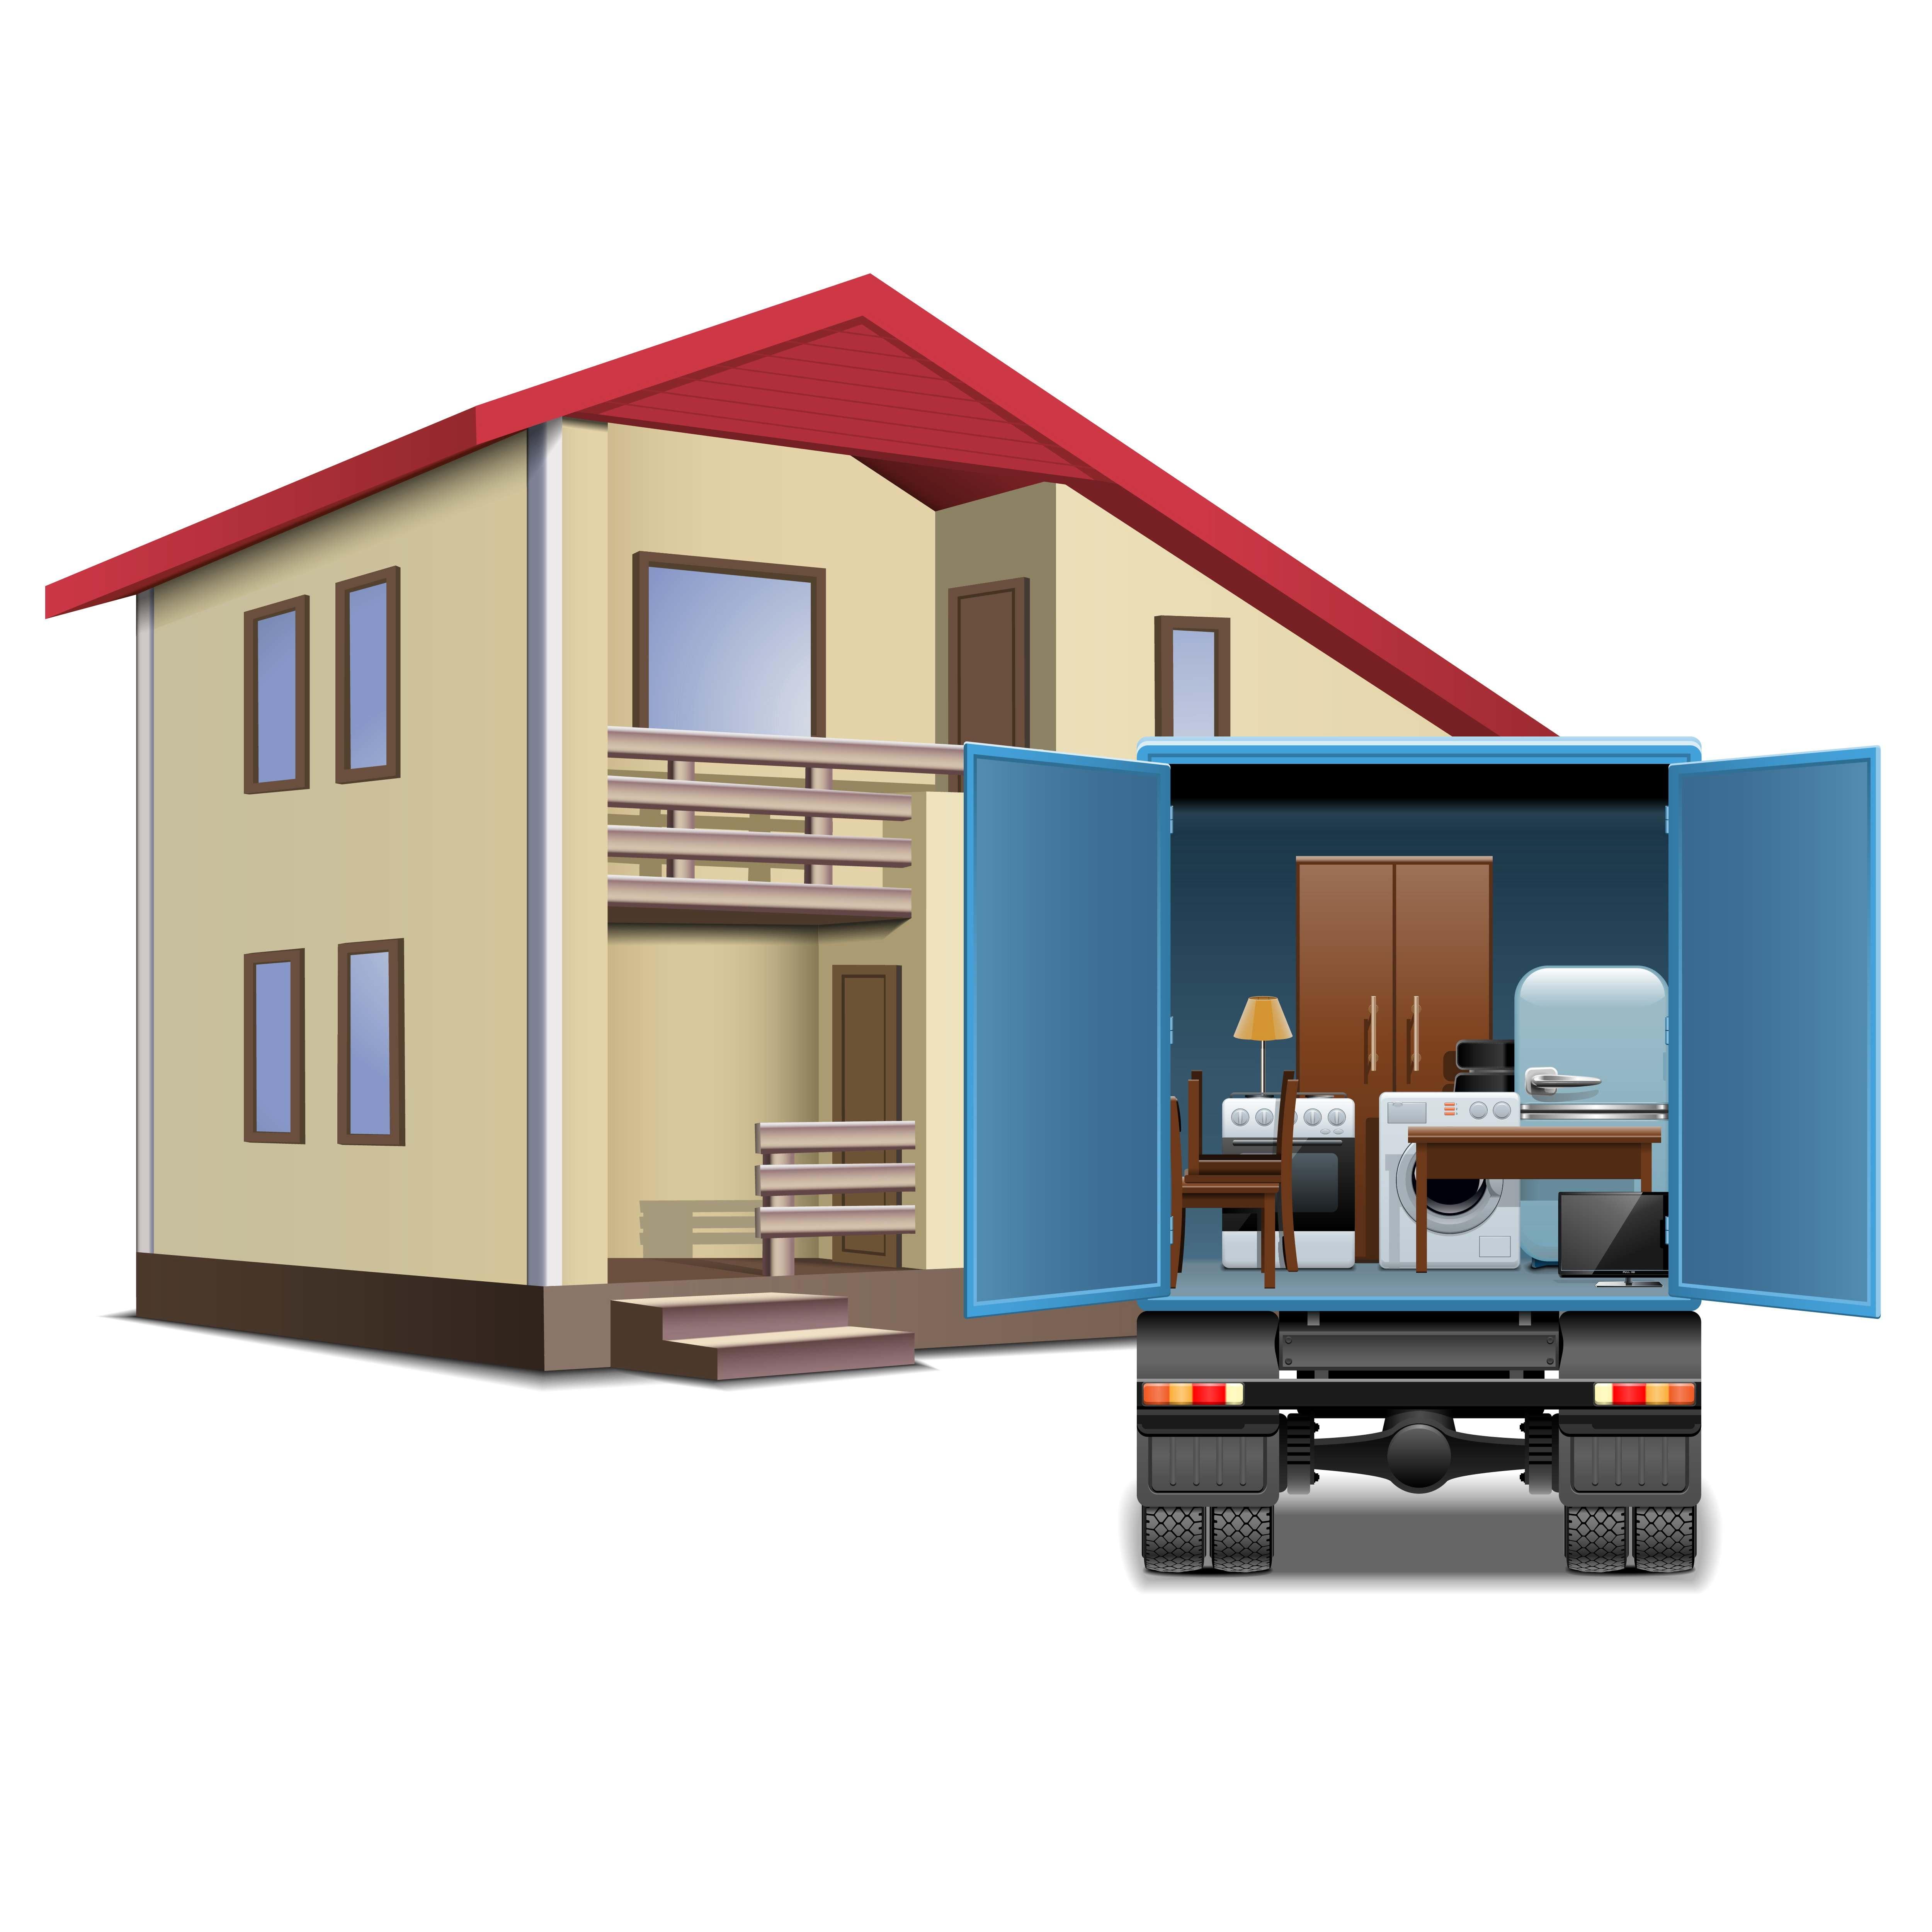 schrank transportieren diese m glichkeiten stehen zur wahl. Black Bedroom Furniture Sets. Home Design Ideas